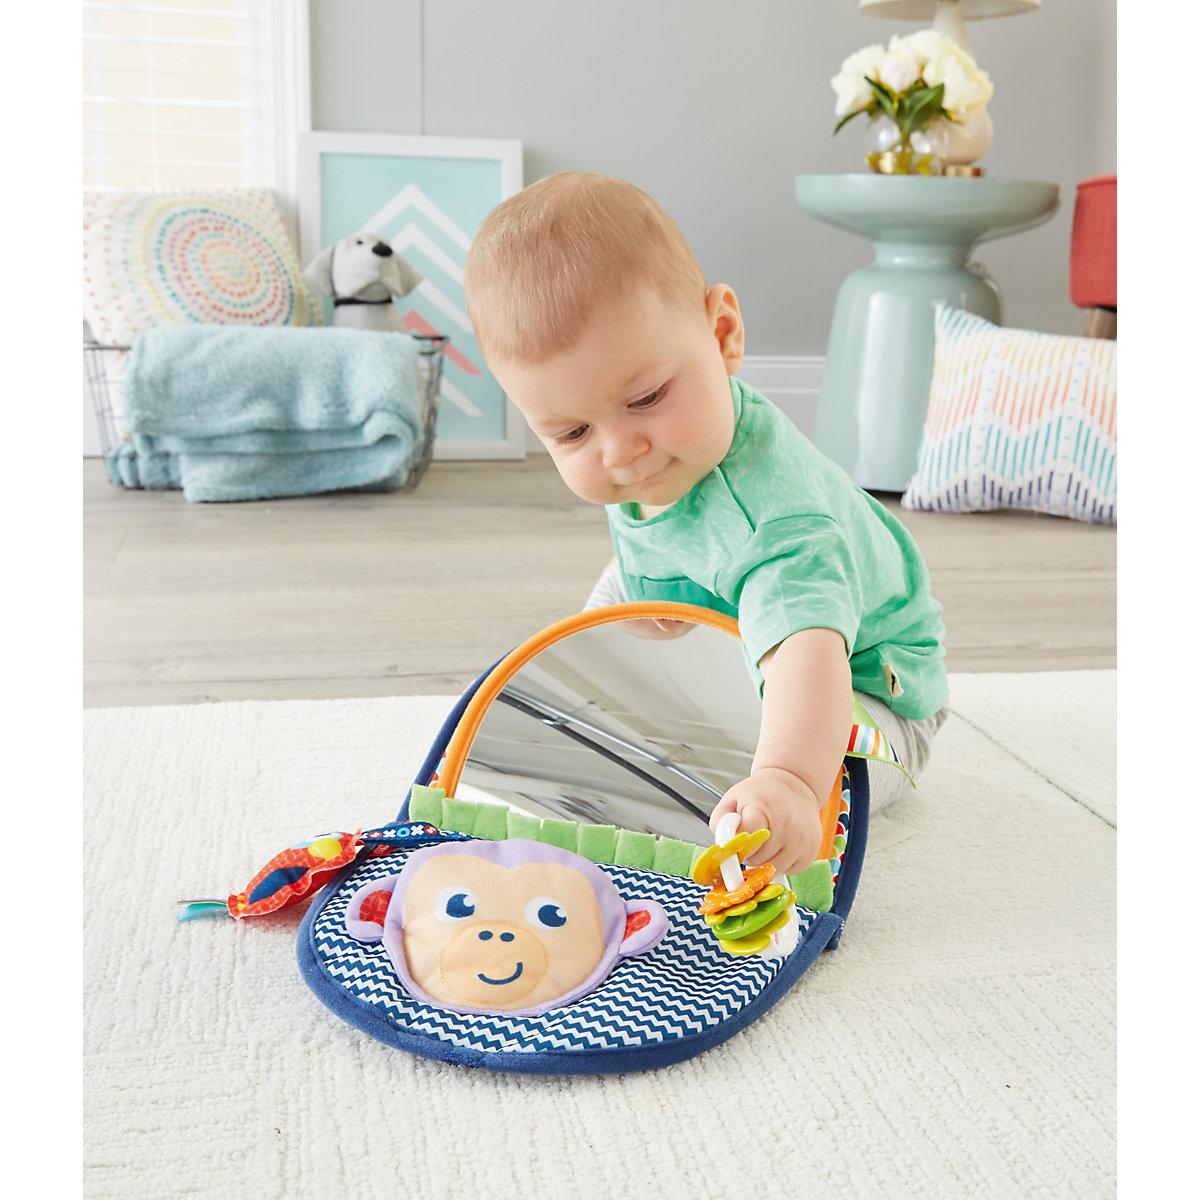 Spielzeug Für Neugeborene : fisher price ffchen spiegel baby spielzeug f r neugeborene motorik spielzeug fisher price ~ Watch28wear.com Haus und Dekorationen